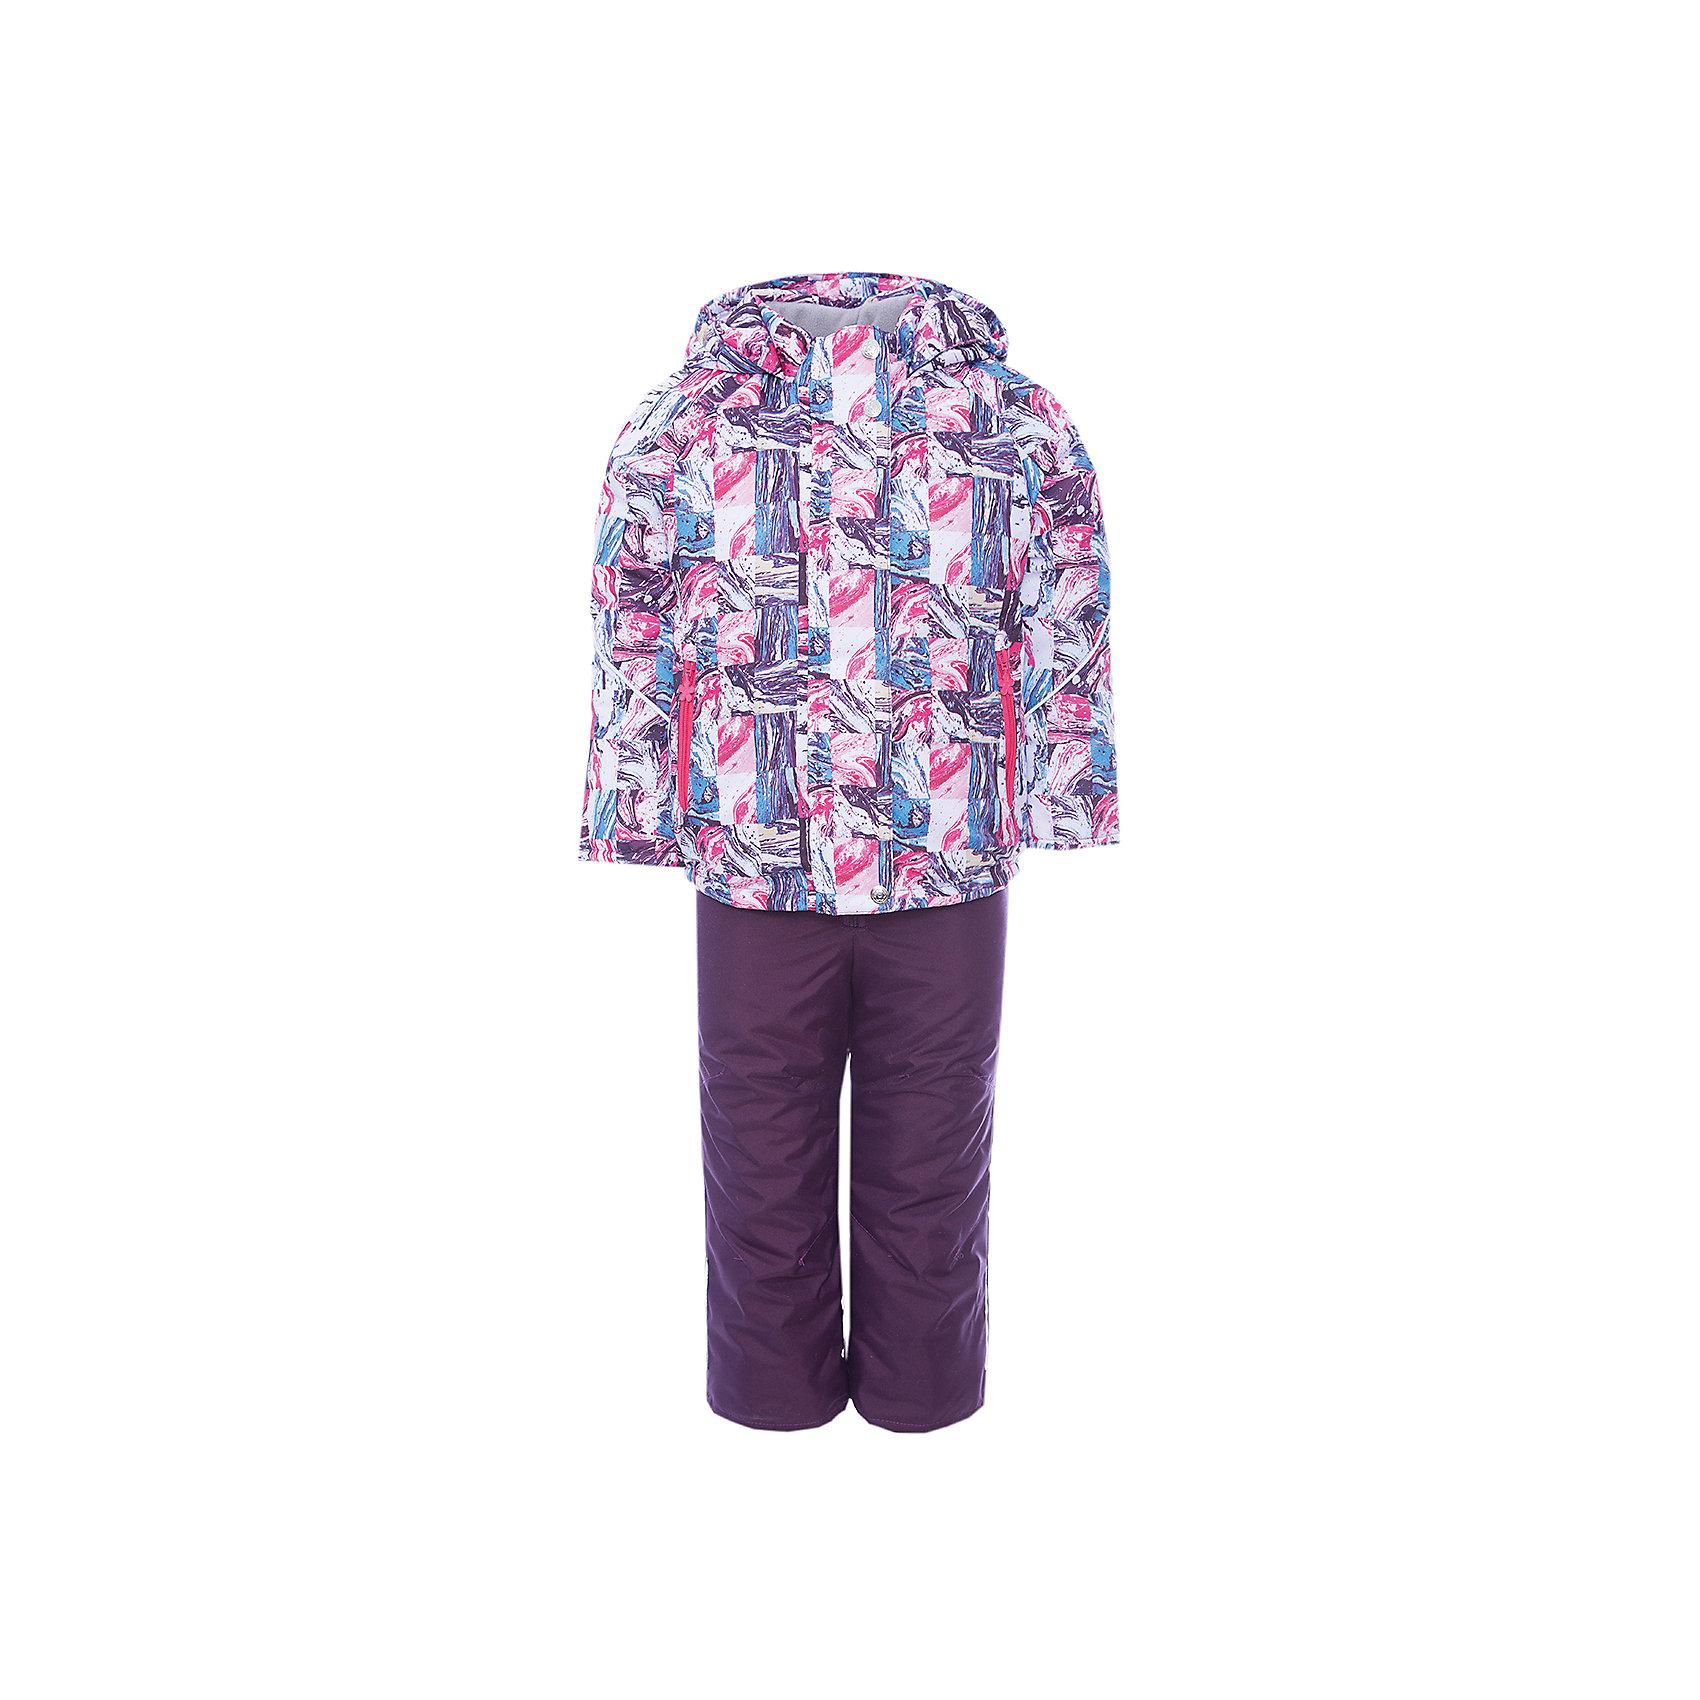 Комплект: куртка и полукомбинезон Юта OLDOS для девочкиВерхняя одежда<br>Характеристики товара:<br><br>• цвет: розовый<br>• комплектация: куртка и полукомбинезон<br>• состав ткани: полиэстер<br>• подкладка: флис<br>• утеплитель: Hollofan <br>• сезон: зима<br>• мембранное покрытие<br>• температурный режим: от -30 до 0<br>• водонепроницаемость: 5000 мм <br>• паропроницаемость: 3000 г/м2<br>• плотность утеплителя: куртка - 300 г/м2, полукомбинезон - 150 г/м2<br>• застежка: молния<br>• капюшон: без меха, несъемный<br>• страна бренда: Россия<br>• страна изготовитель: Россия<br><br>Мембранный комплект для девочки дополнен элементами для удобства ребенка: воротник-стойка, двойная ветрозащитная планка с защитой подбородка. Стильный зимний комплект от бренда Oldos разработан специально для детей. Прочное мембранное покрытие такого детского комплекта - это защита от воды и грязи, износостойкость, за ним легко ухаживать. <br><br>Комплект: куртка и полукомбинезон Юта Oldos (Олдос) для девочки можно купить в нашем интернет-магазине.<br><br>Ширина мм: 356<br>Глубина мм: 10<br>Высота мм: 245<br>Вес г: 519<br>Цвет: розовый<br>Возраст от месяцев: 36<br>Возраст до месяцев: 48<br>Пол: Женский<br>Возраст: Детский<br>Размер: 104,92,98<br>SKU: 7016982